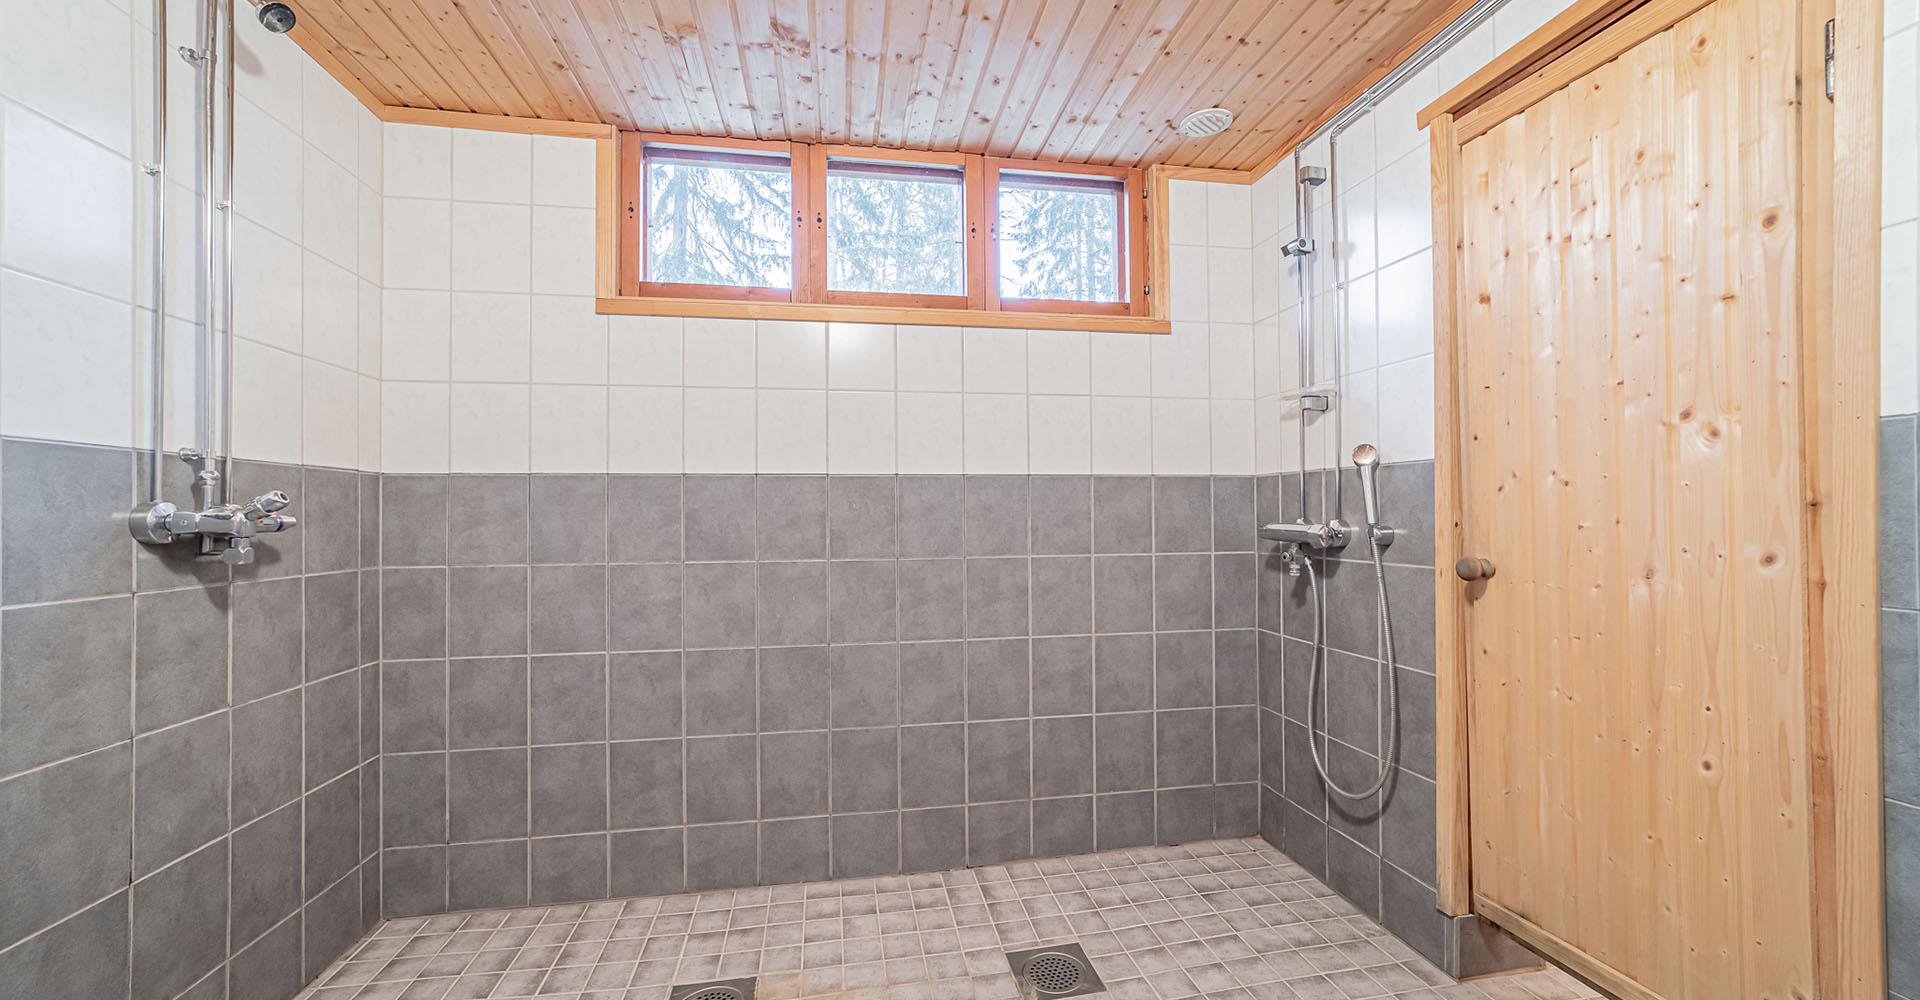 Kylpyhuoneessa 3 eri suihkua   Hyvelän Maja • Pori